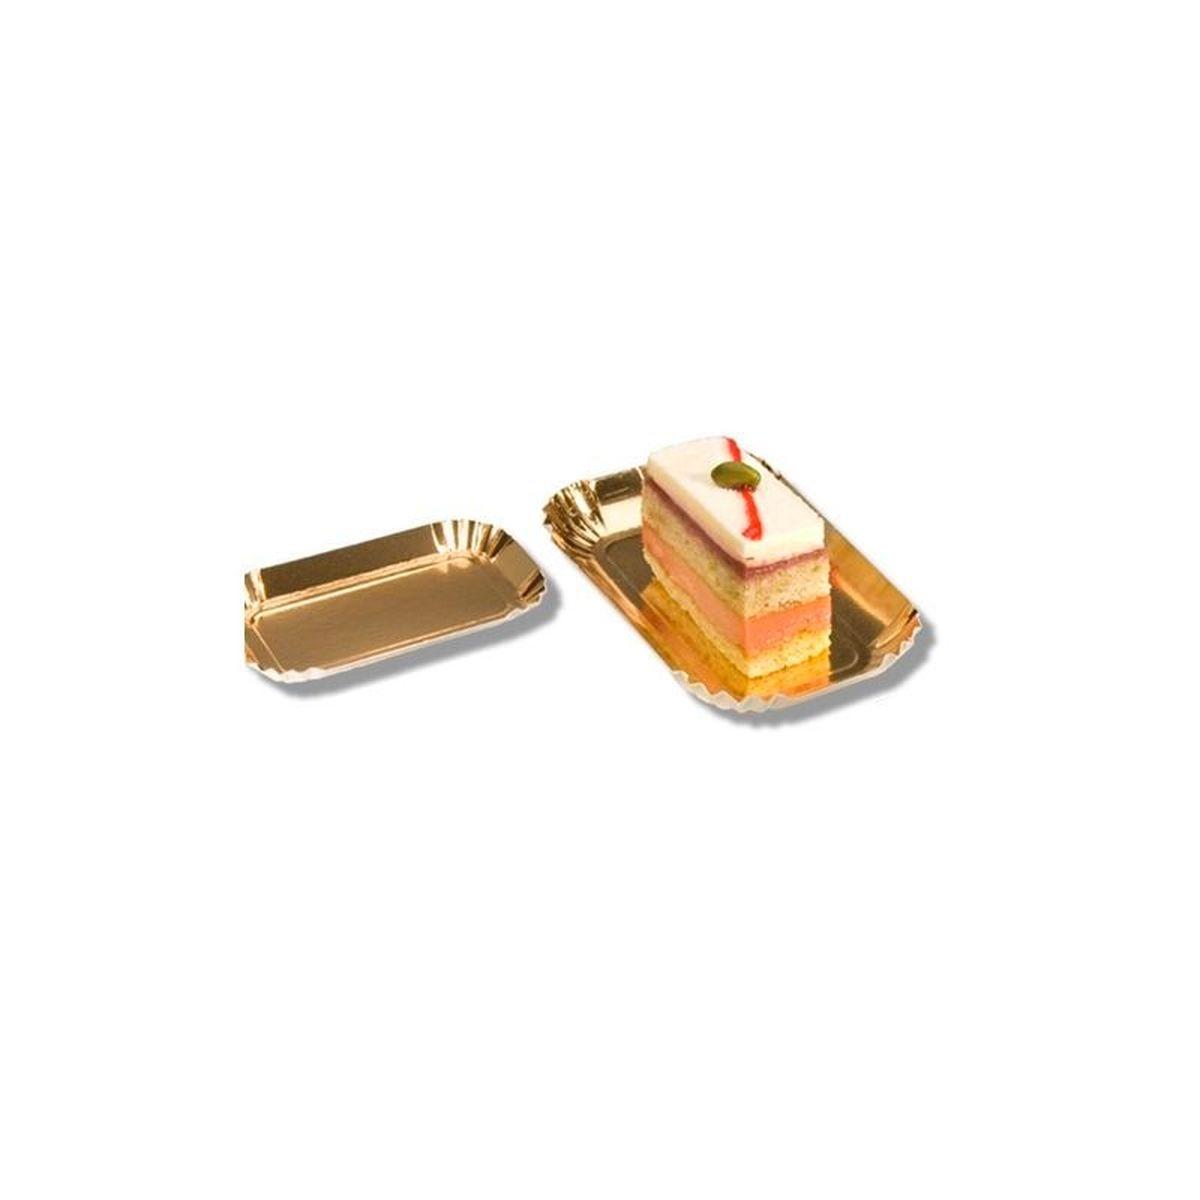 100 mini plateaux rectangulaires en carton doré 5,5 x 9,5 cm - Patisdecor